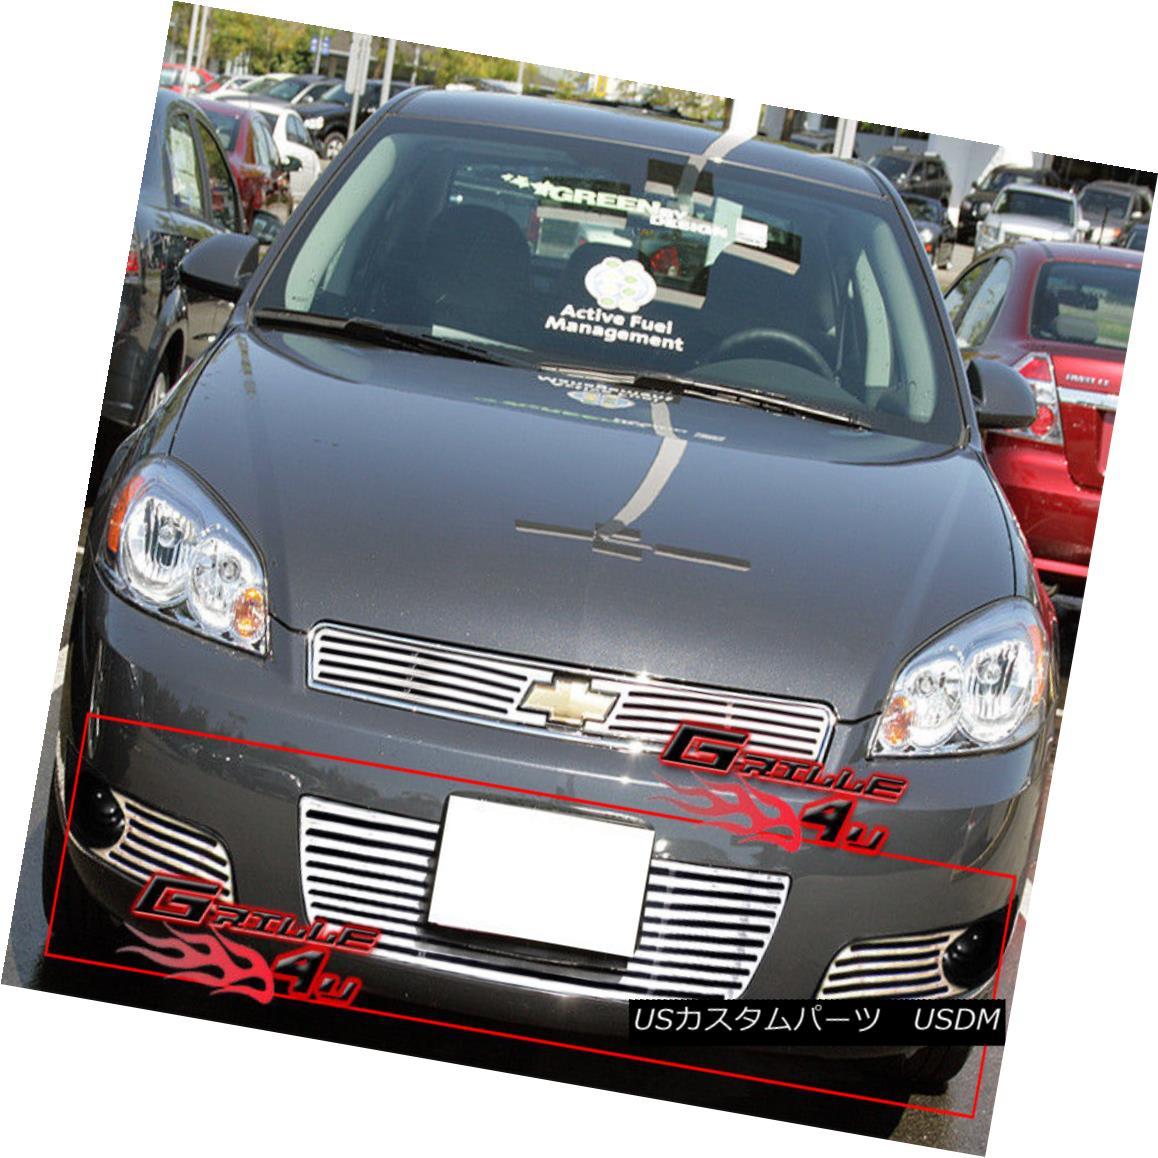 グリル Fits 2006-2013 Chevy Impala Lower Bumper Perimeter Grille Grill Insert フィット2006-2013シボレーインパラロワーバンパーペリメーターグリルグリルインサート